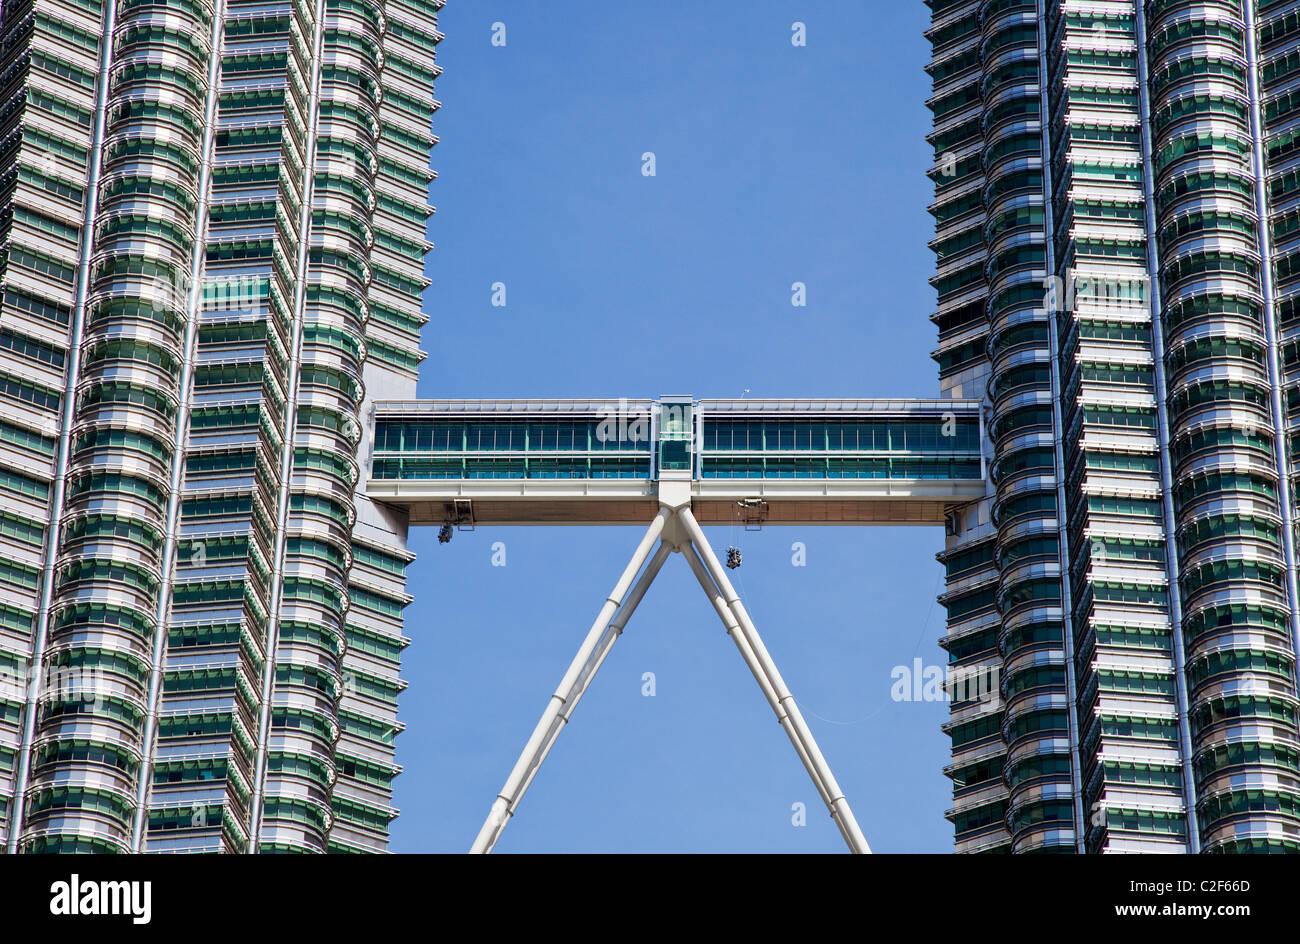 Skybridge, The Petronas Towers, Kuala Lumpur - Stock Image